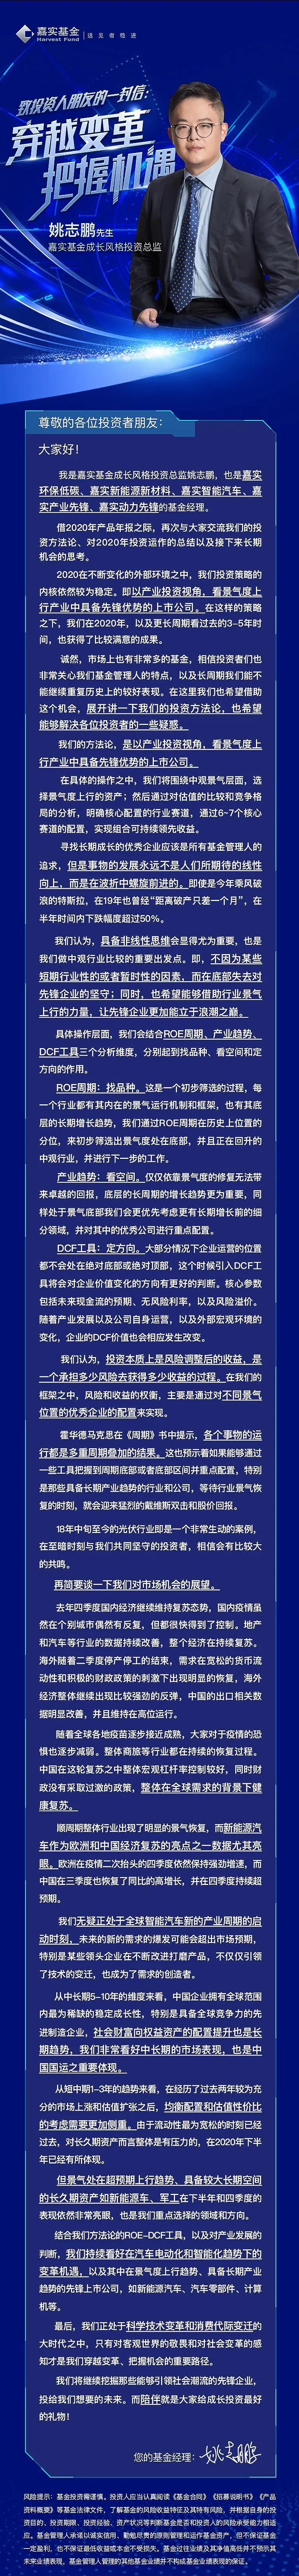 【穿越变革,把握机遇】基金经理姚志鹏给投资人朋友的一封信